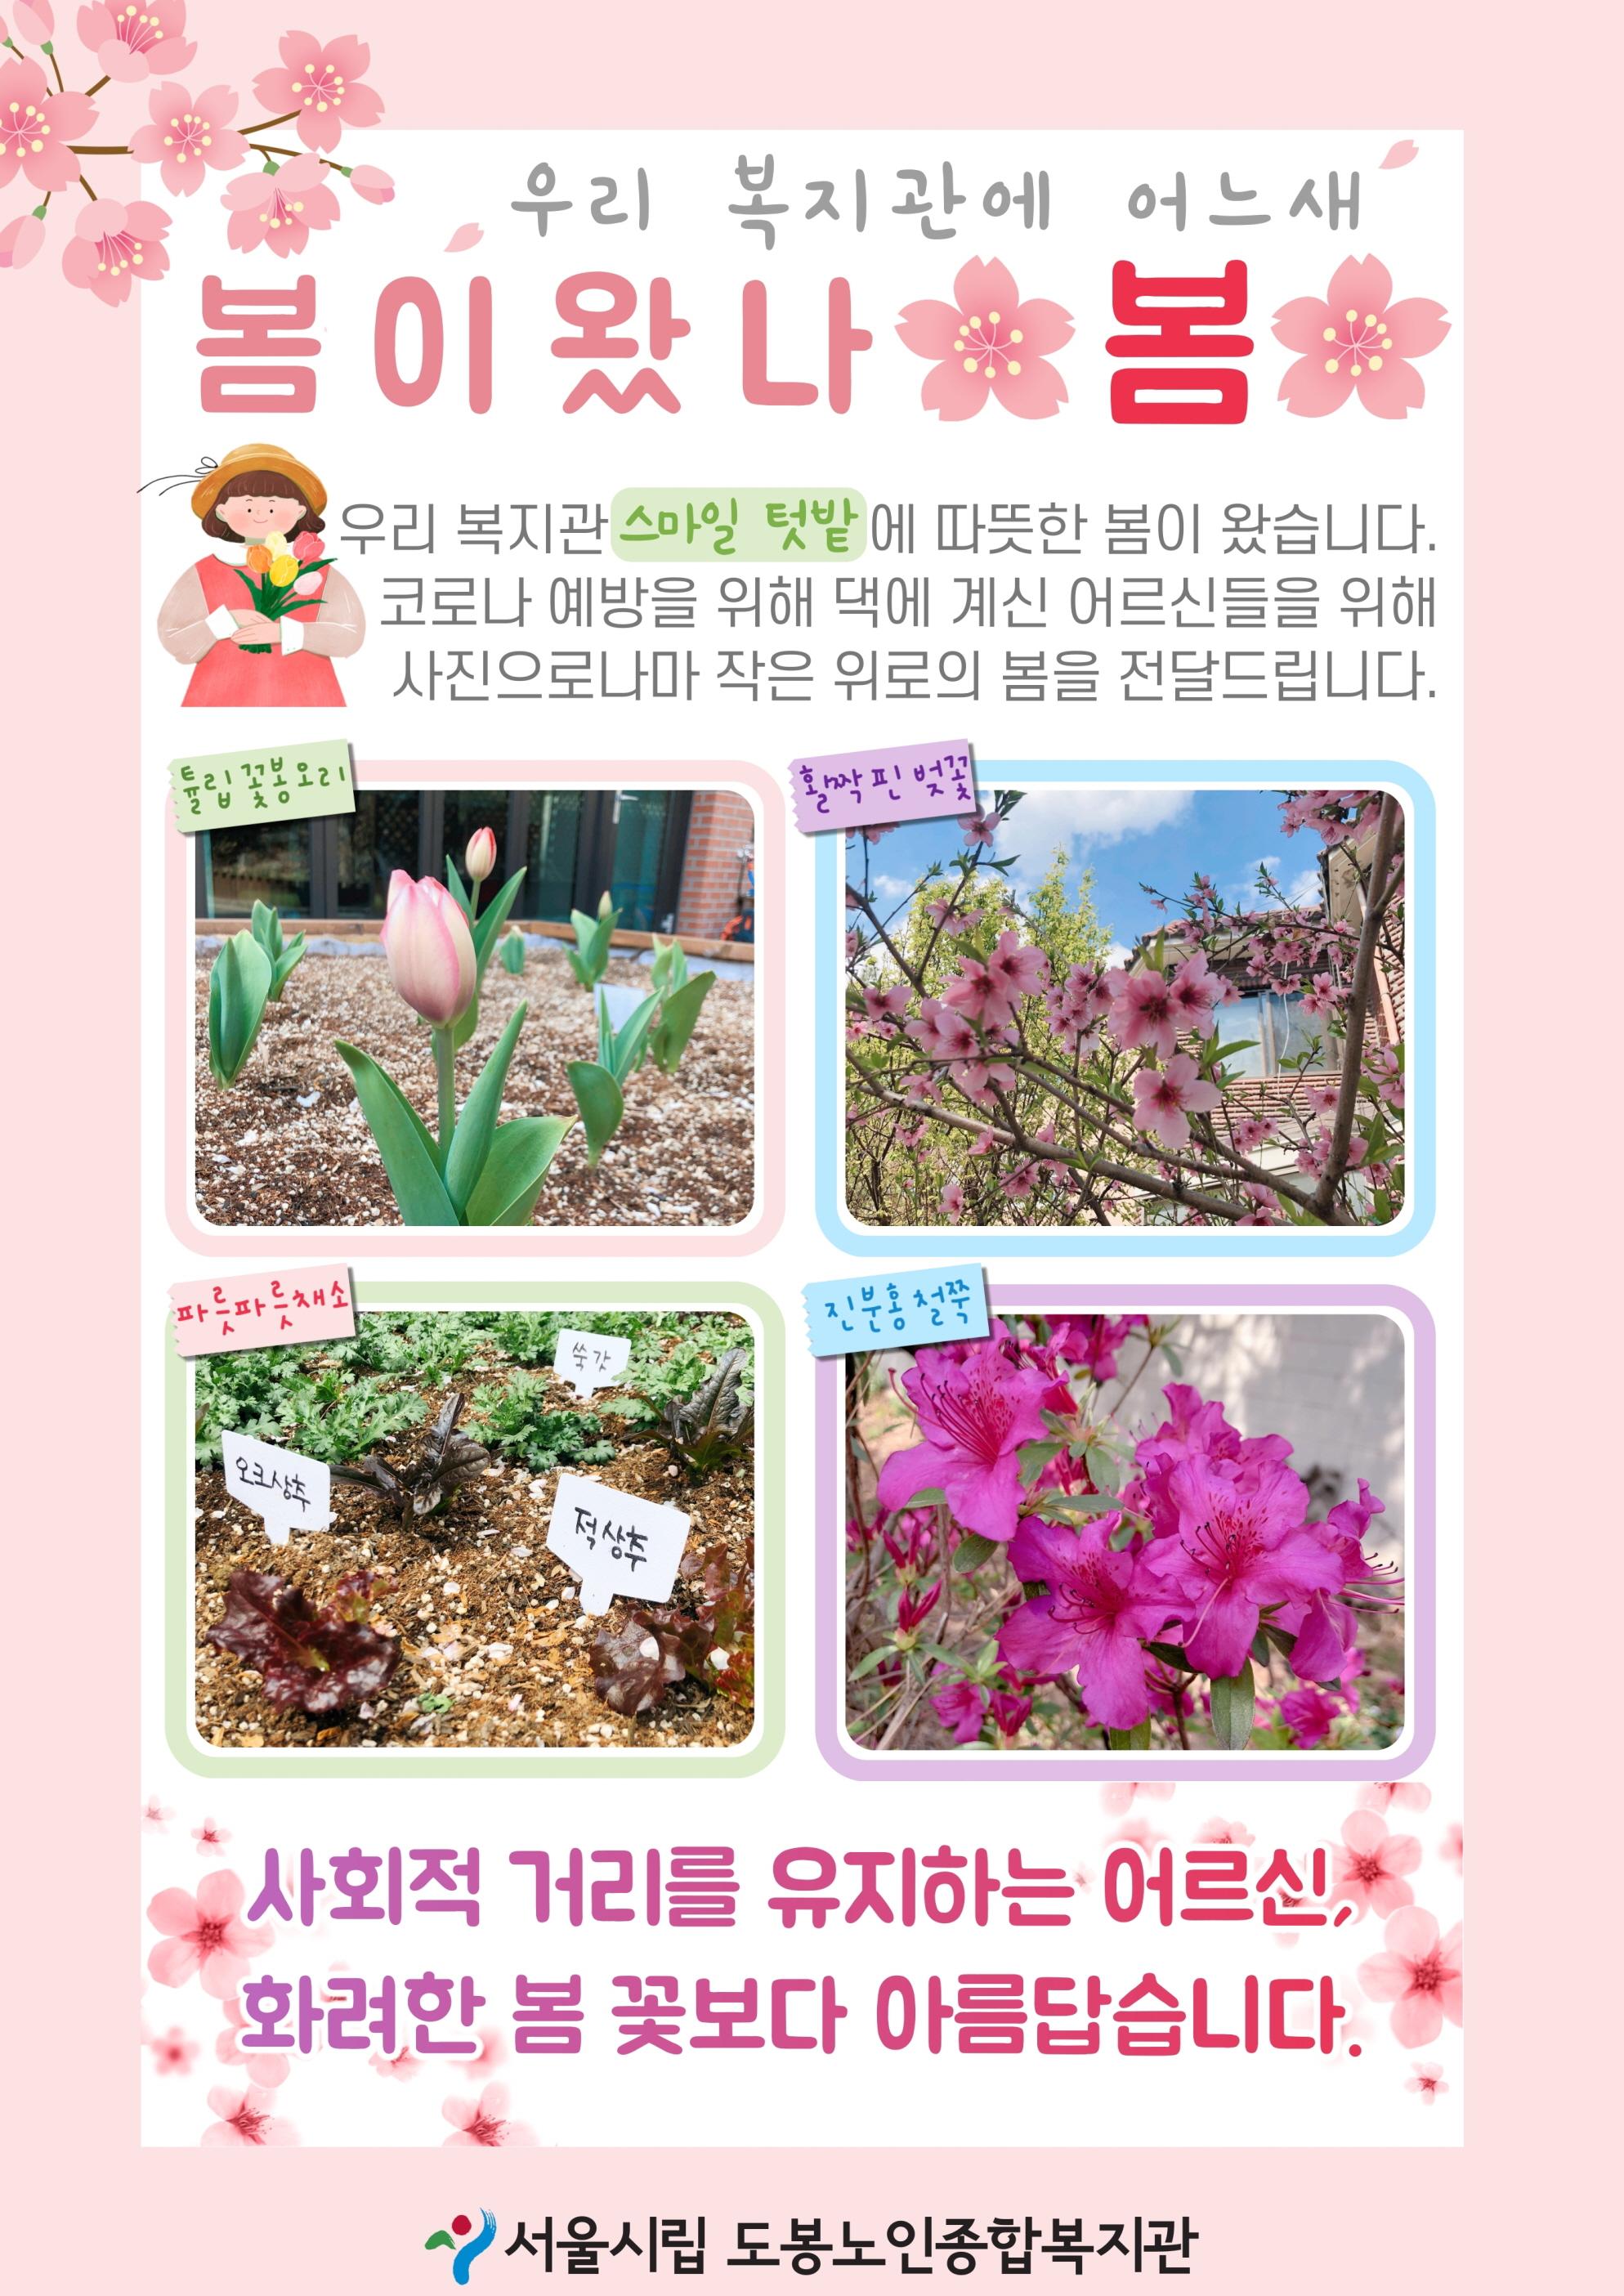 [홈페이지용]봄이왔나봄.jpg